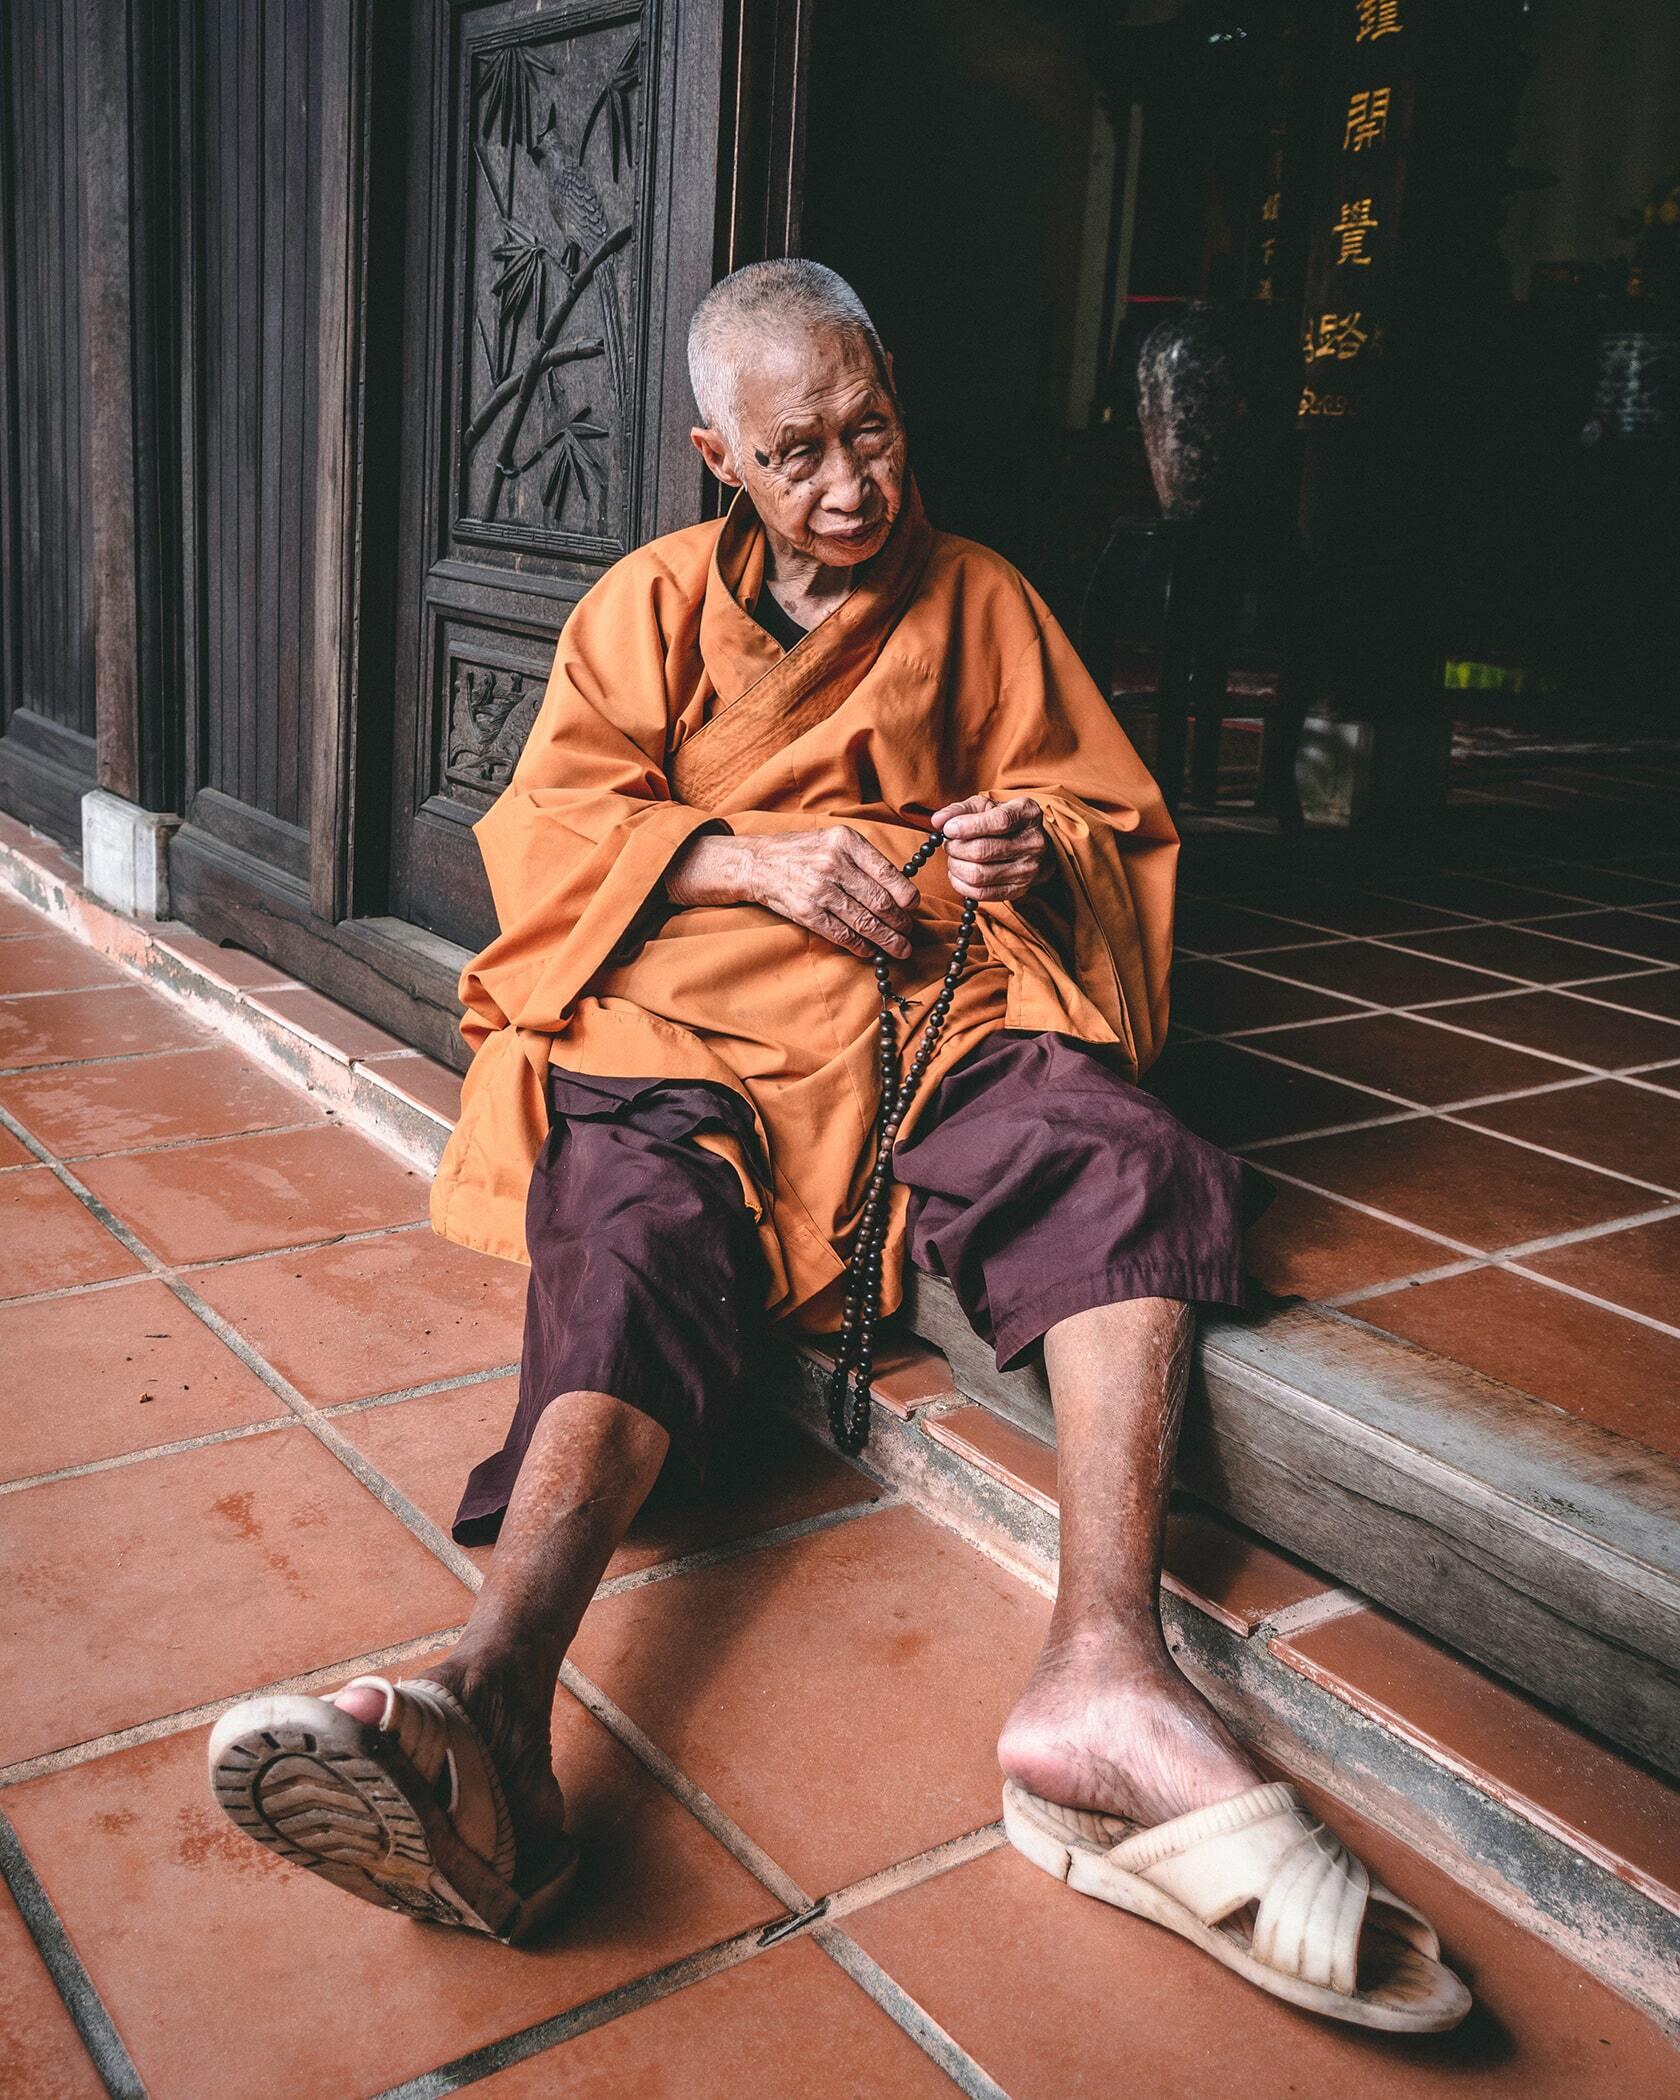 Foto van een monnik op leeftijd, zittend op de grond uit fotografie collectie mensen van Simon Wijers